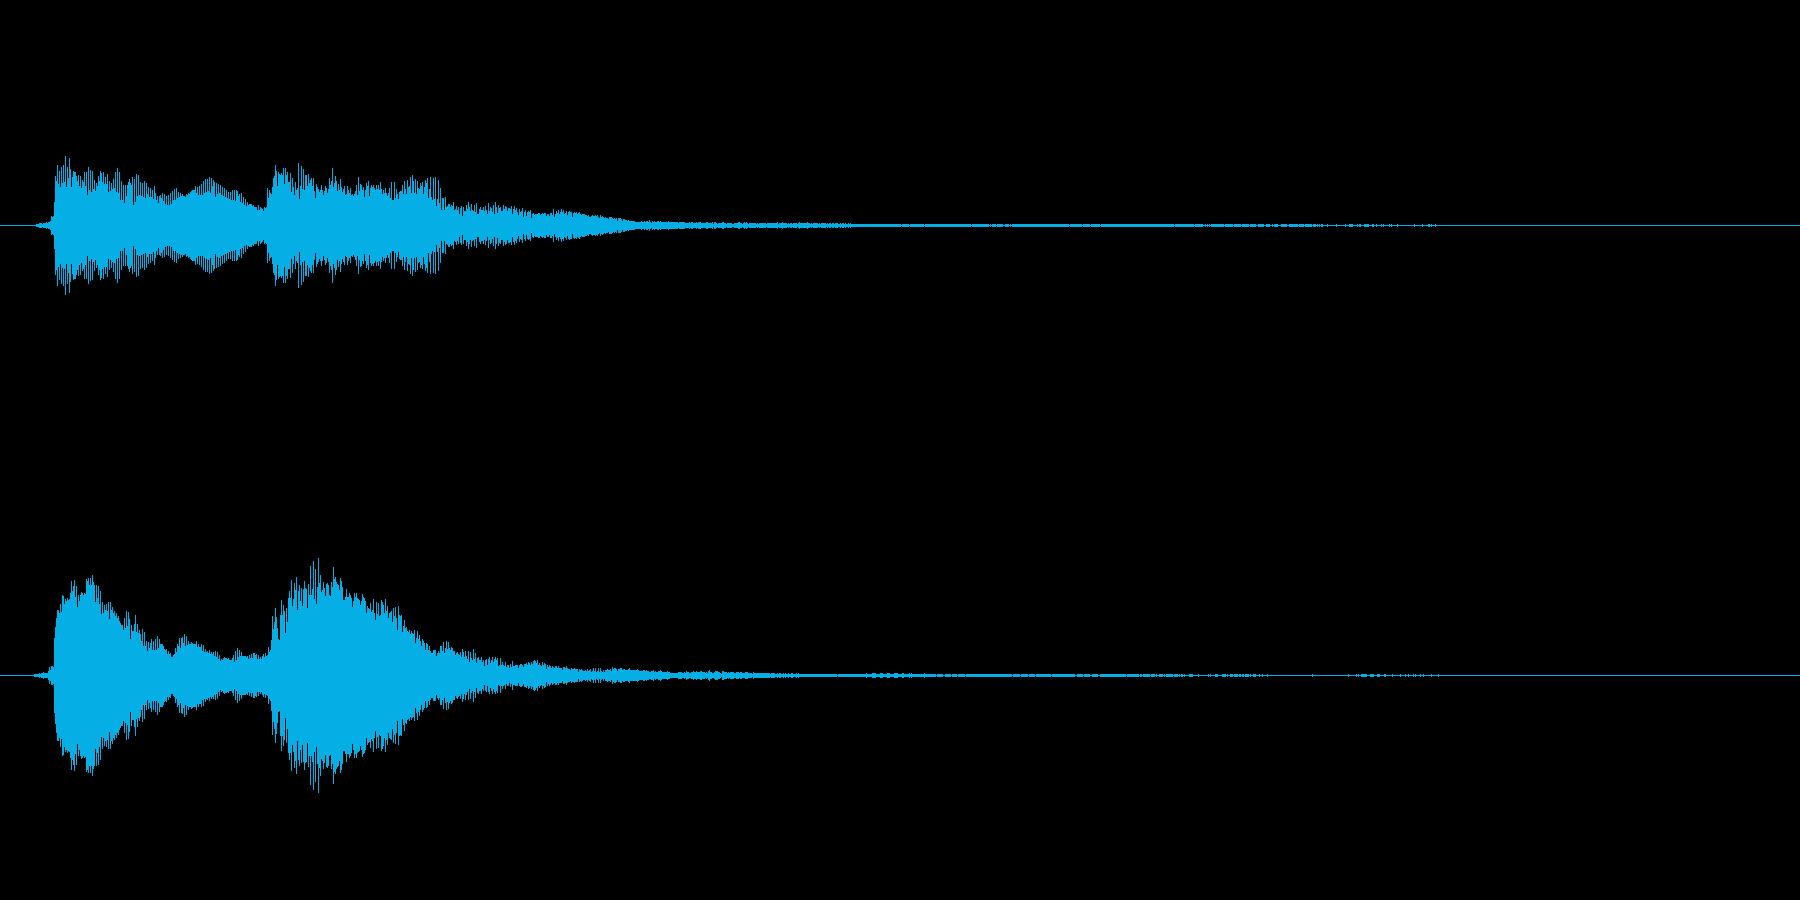 ボタン音、たたん、上から下に下りる音。の再生済みの波形